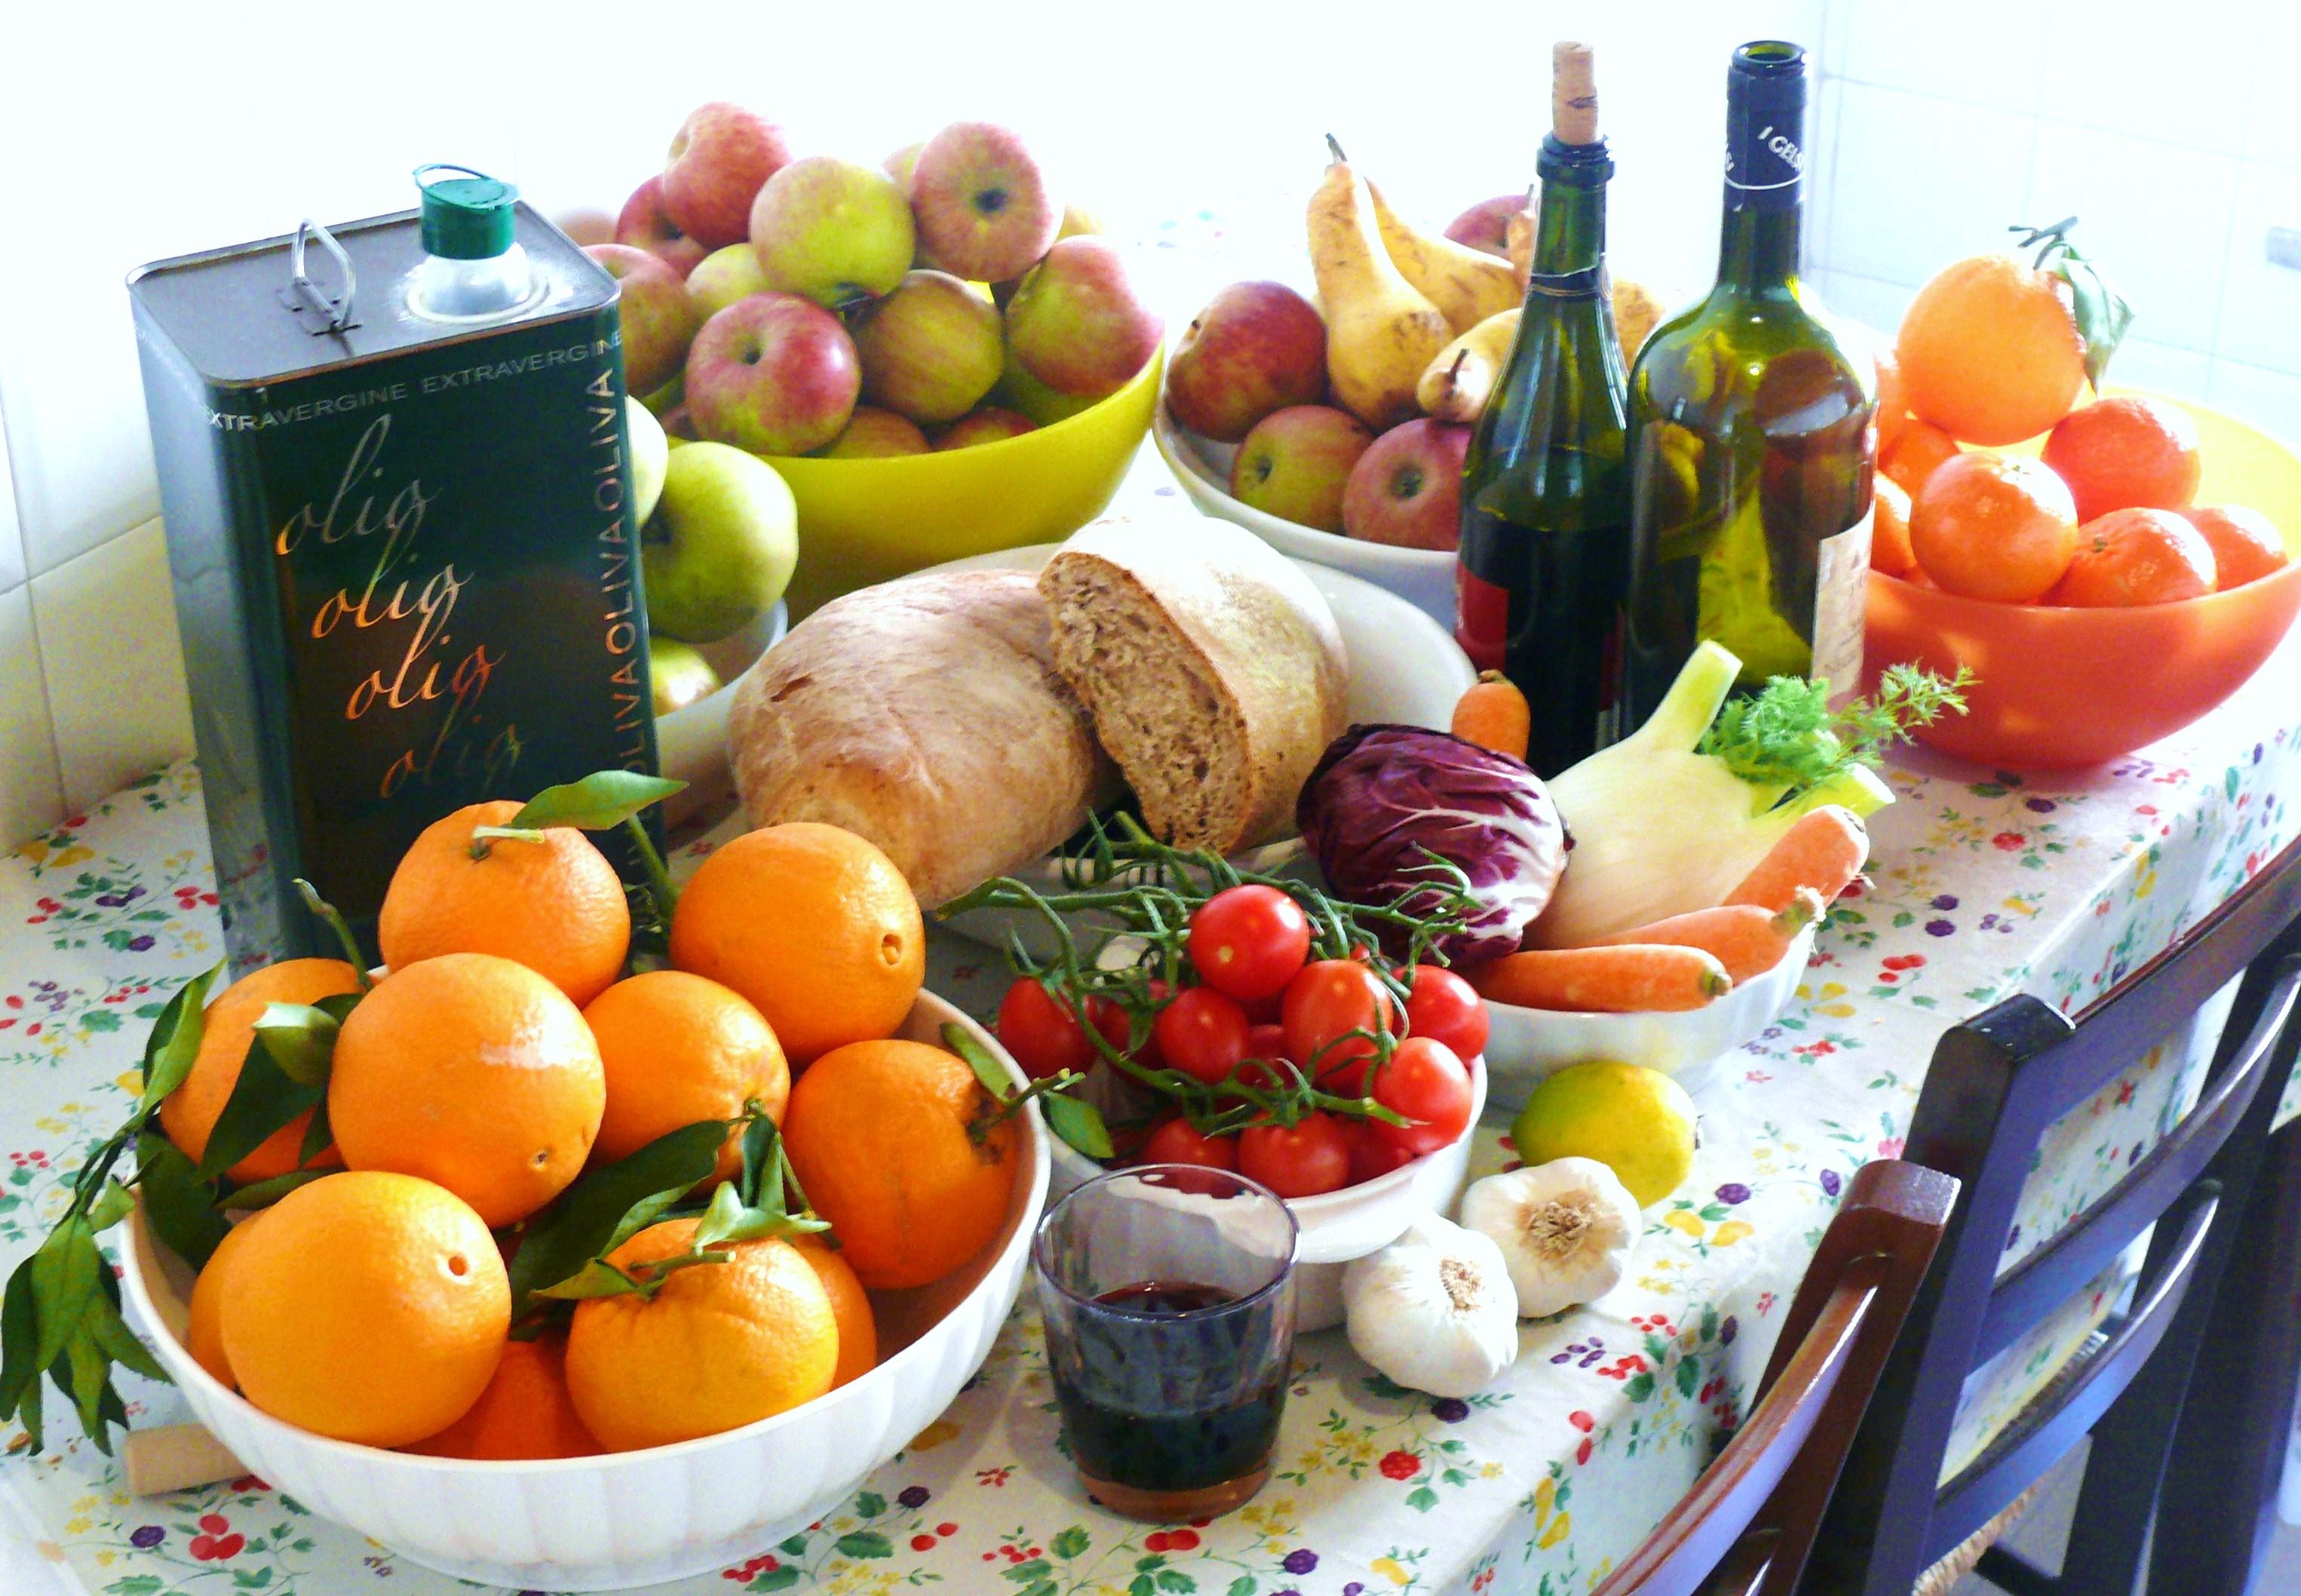 Guarire dal cancro con la dieta chetogenica? Non ci sono prove